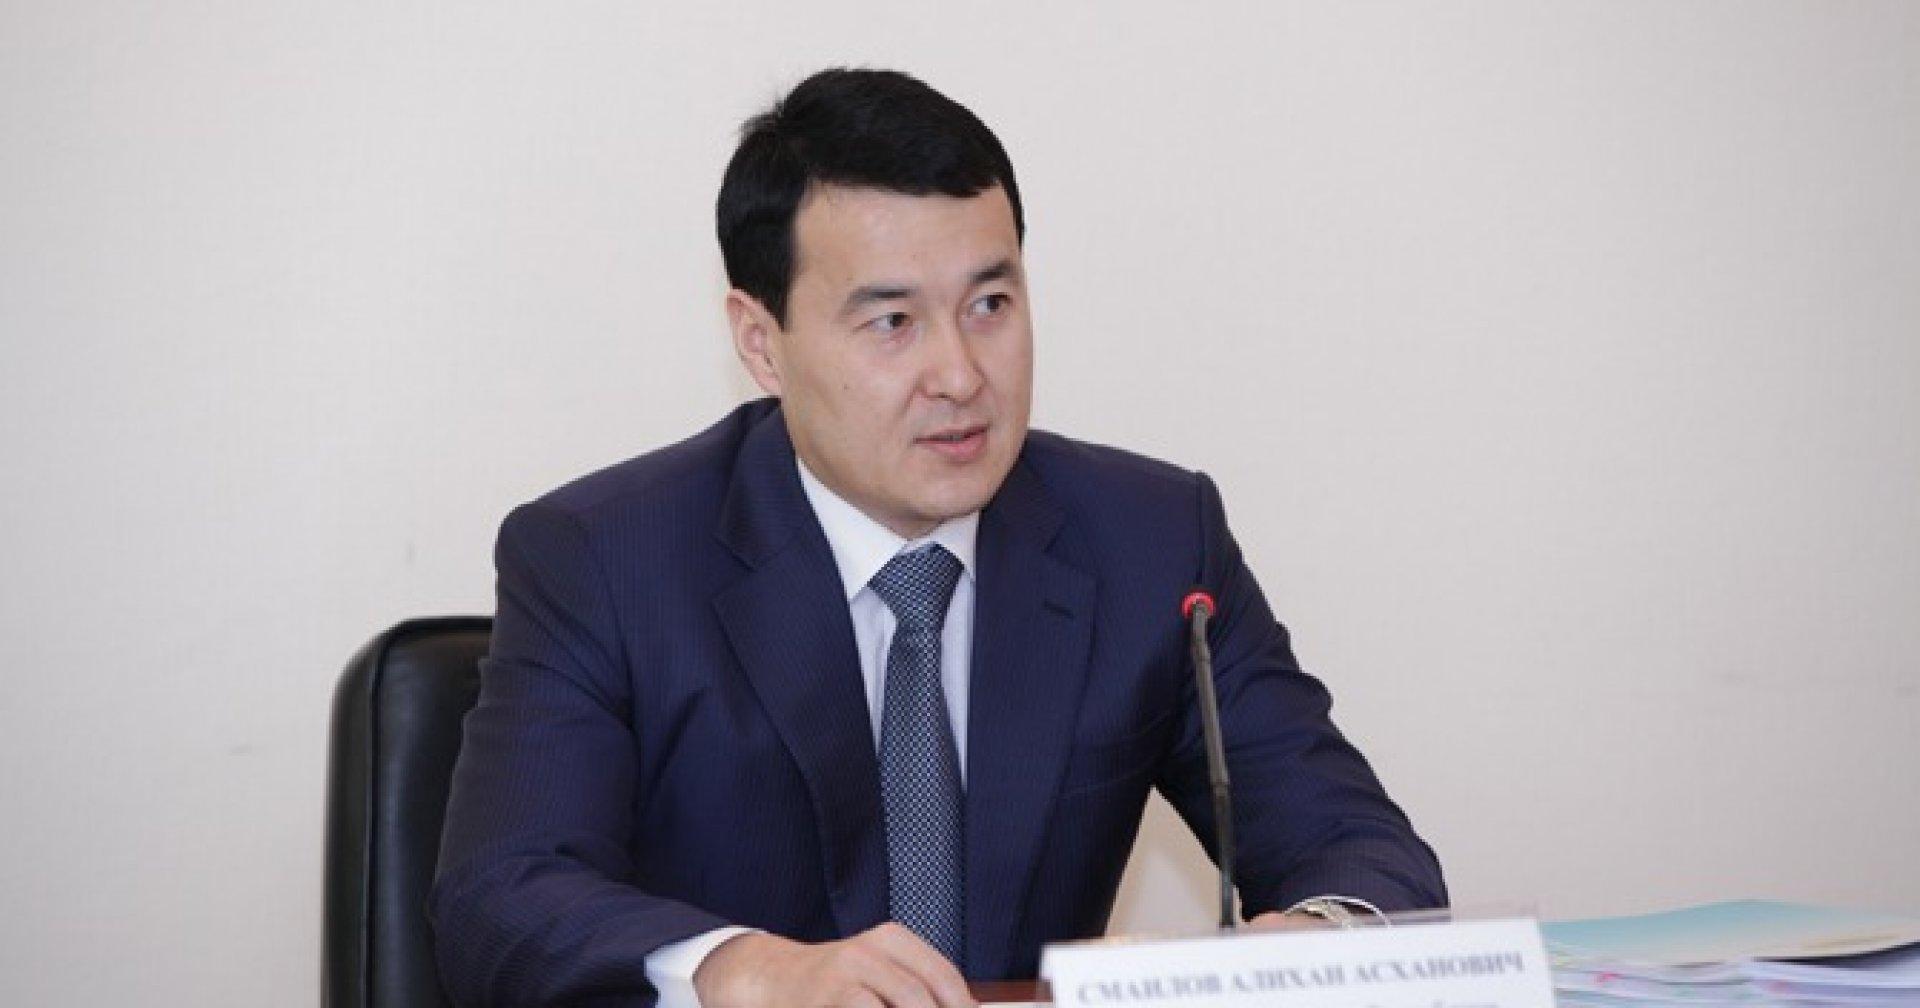 Минфин РК приостановил работу по введению института банкротства физлиц